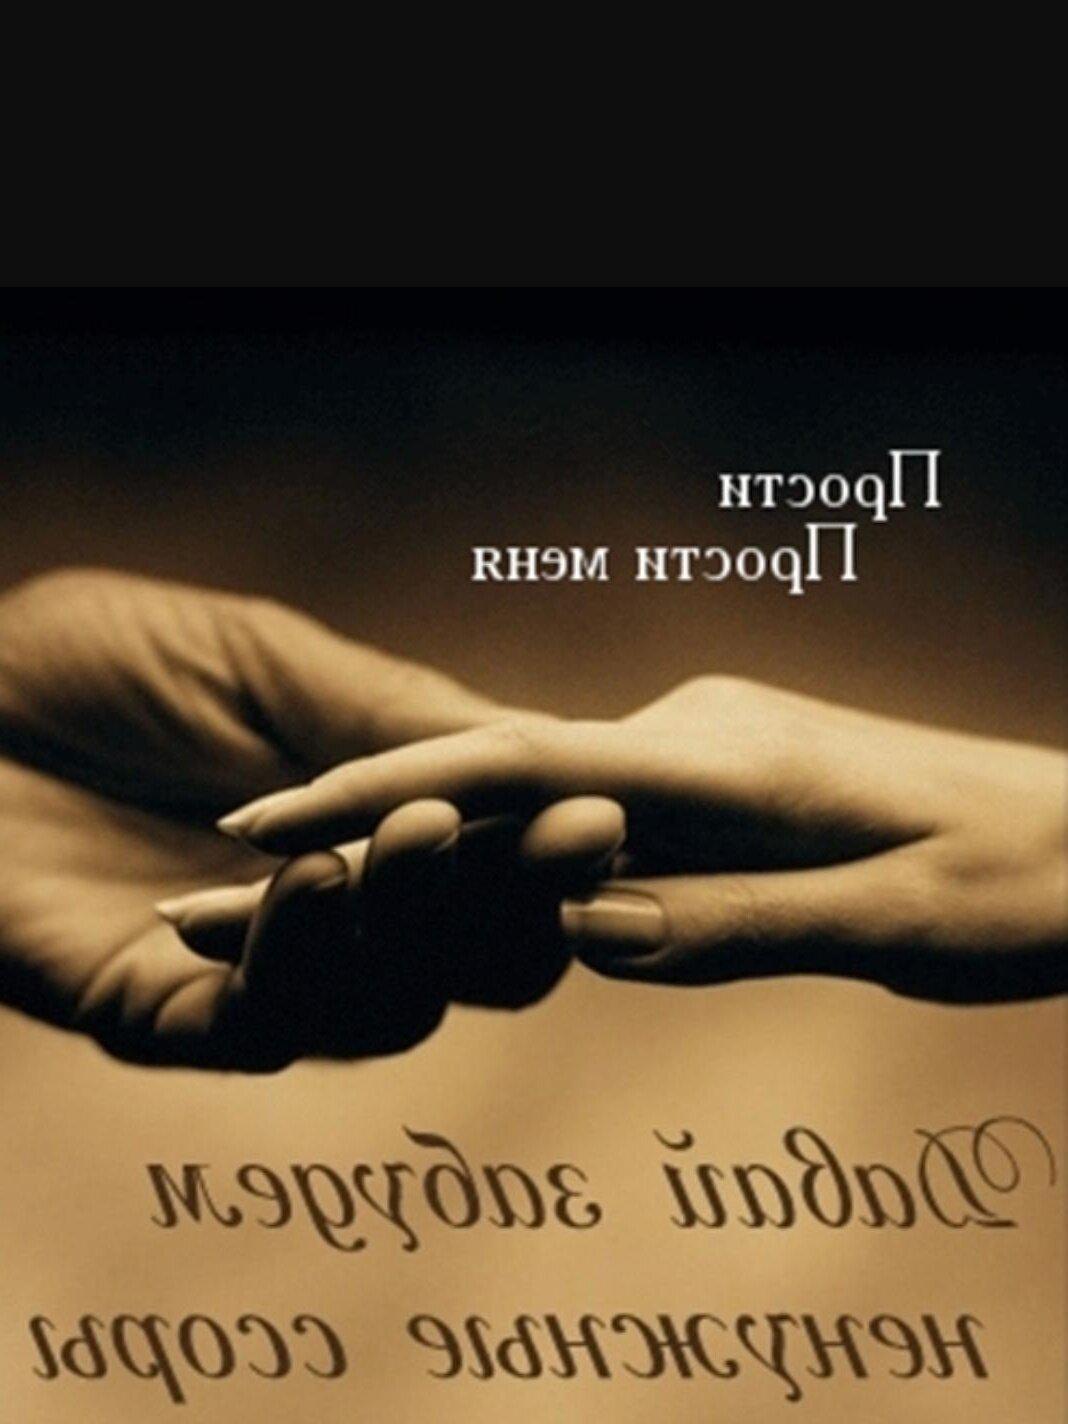 картинка с просьбой простить описаны подробно